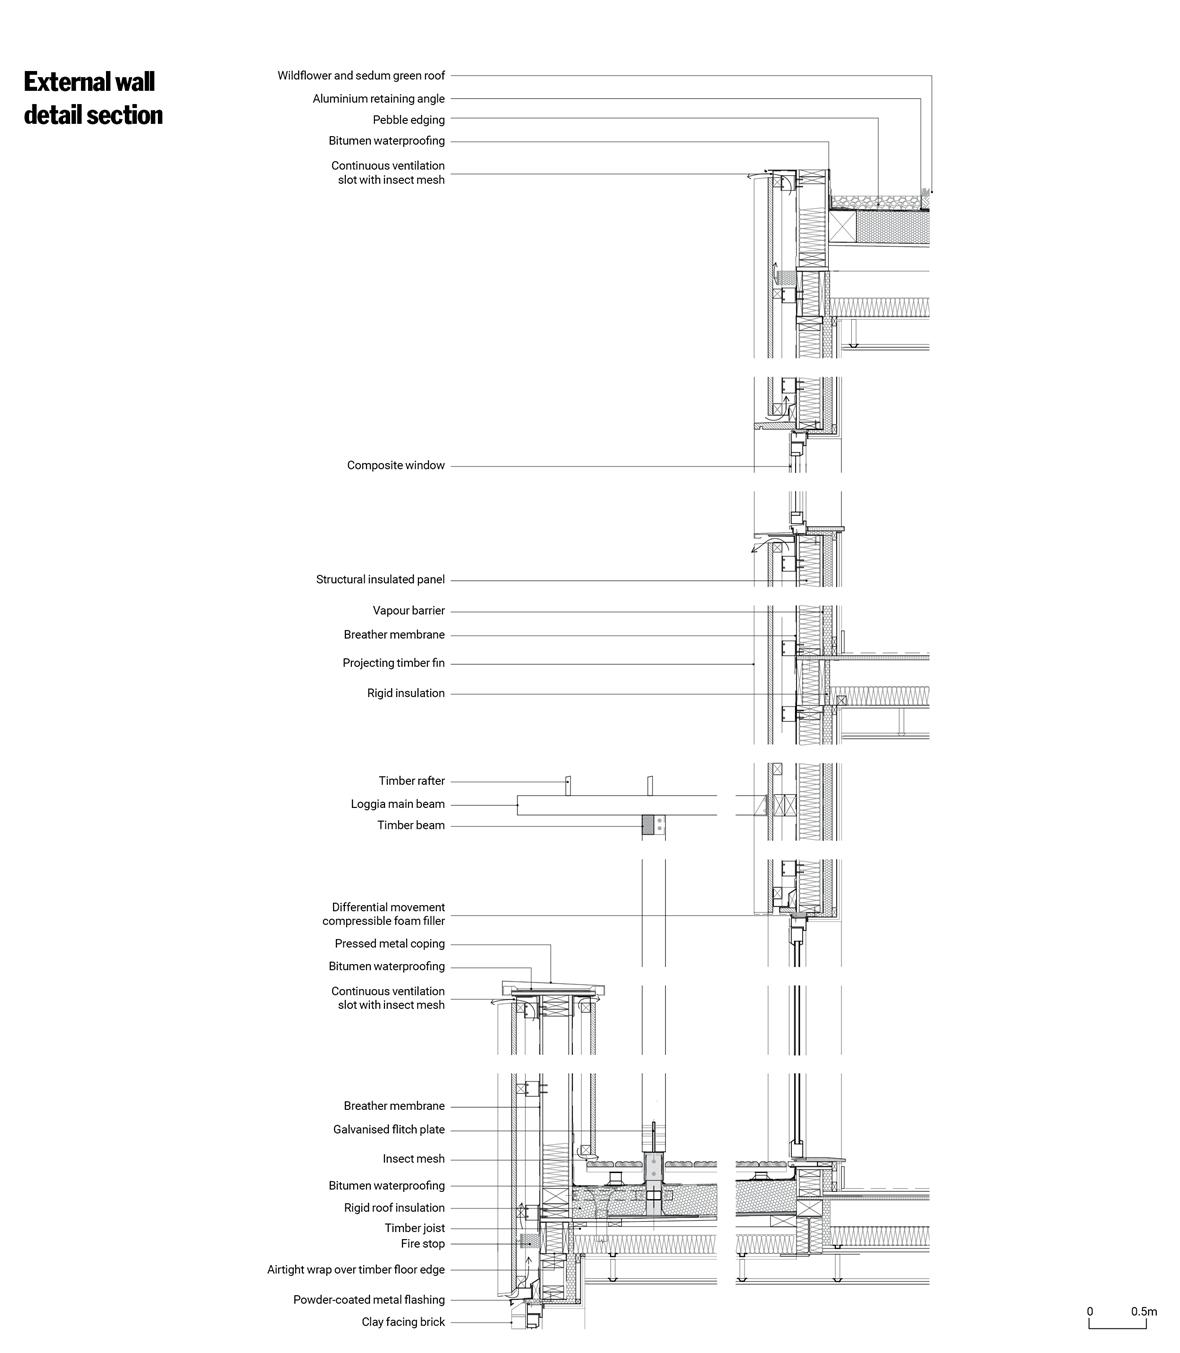 Pte Dwgs3 Architecture Details